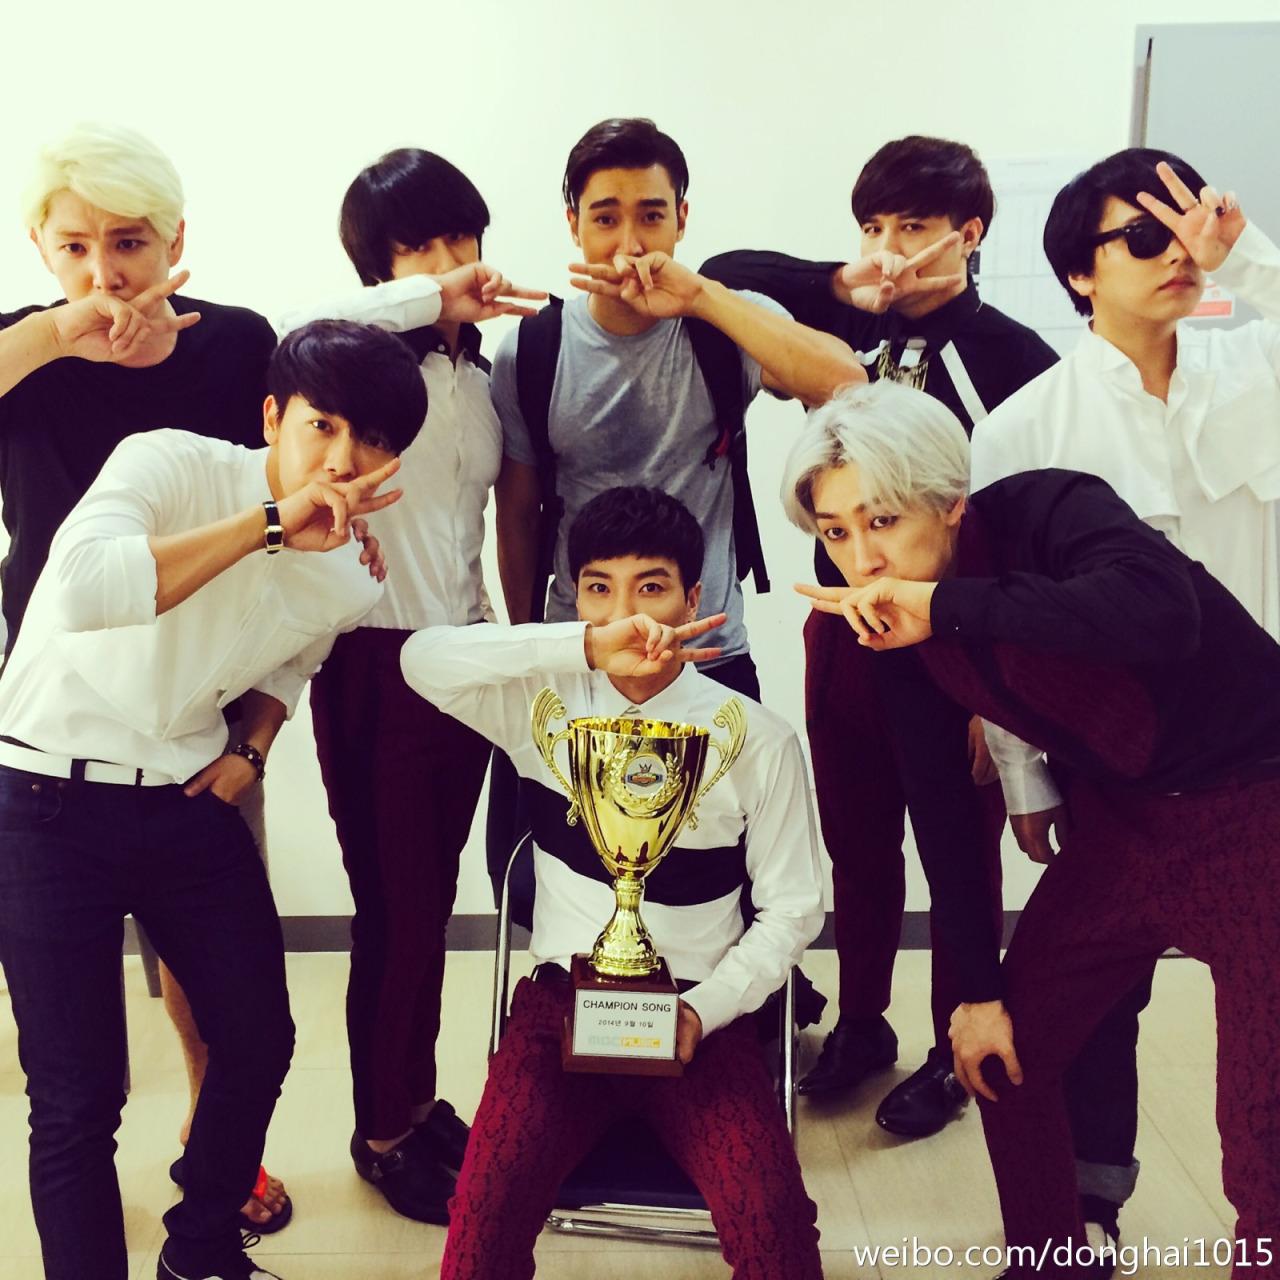 這種剪刀手比法都快變成 Super Junior 的官方手勢了啦(大笑)